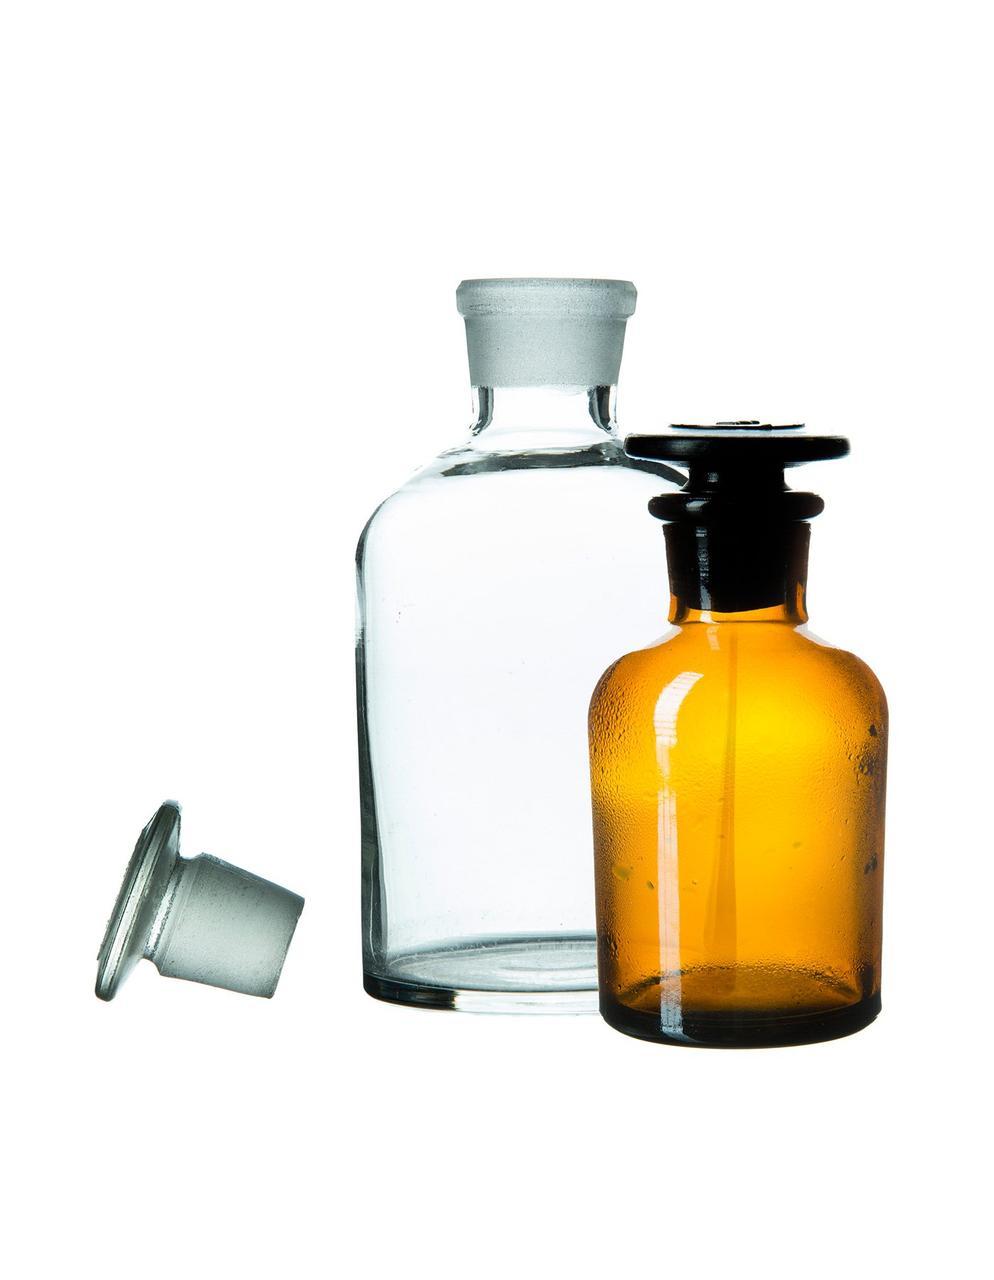 Склянка д/реакт., светлое стекло,широкое горло и притертая пробка,  Greetmed   30 мл 10003108